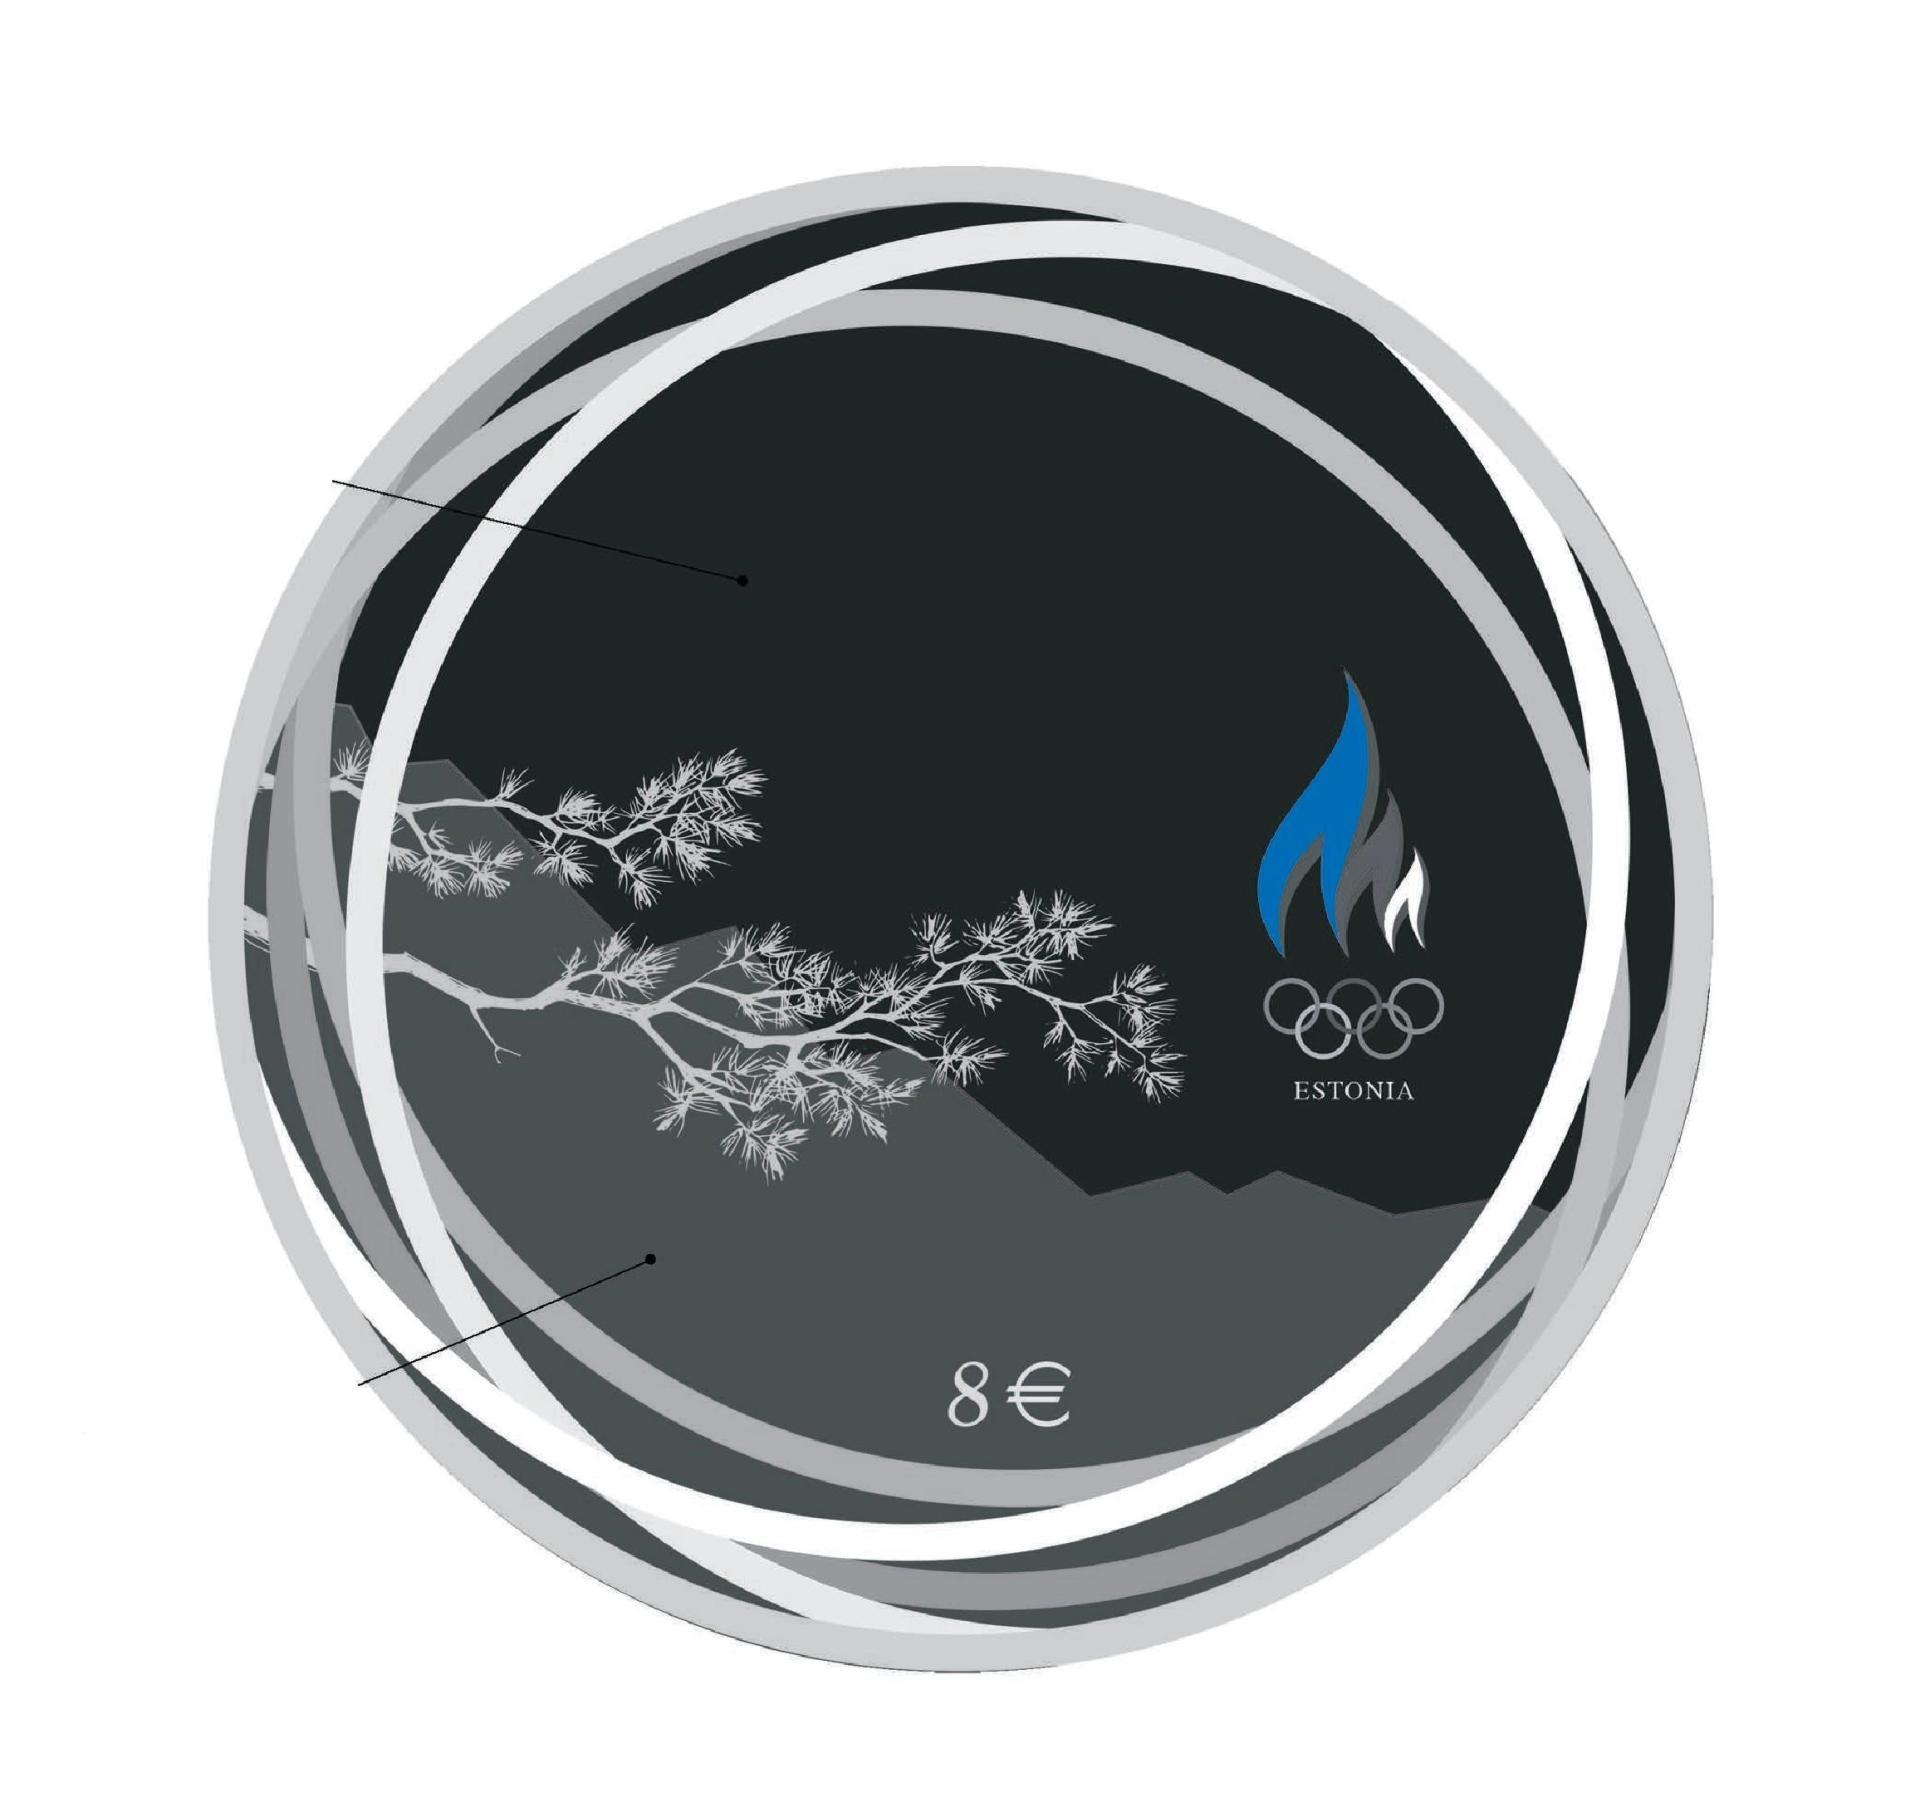 XXIV Pekingi taliolümpiamängudel osalevatele Eesti sportlastele pühendatud hõbemünt